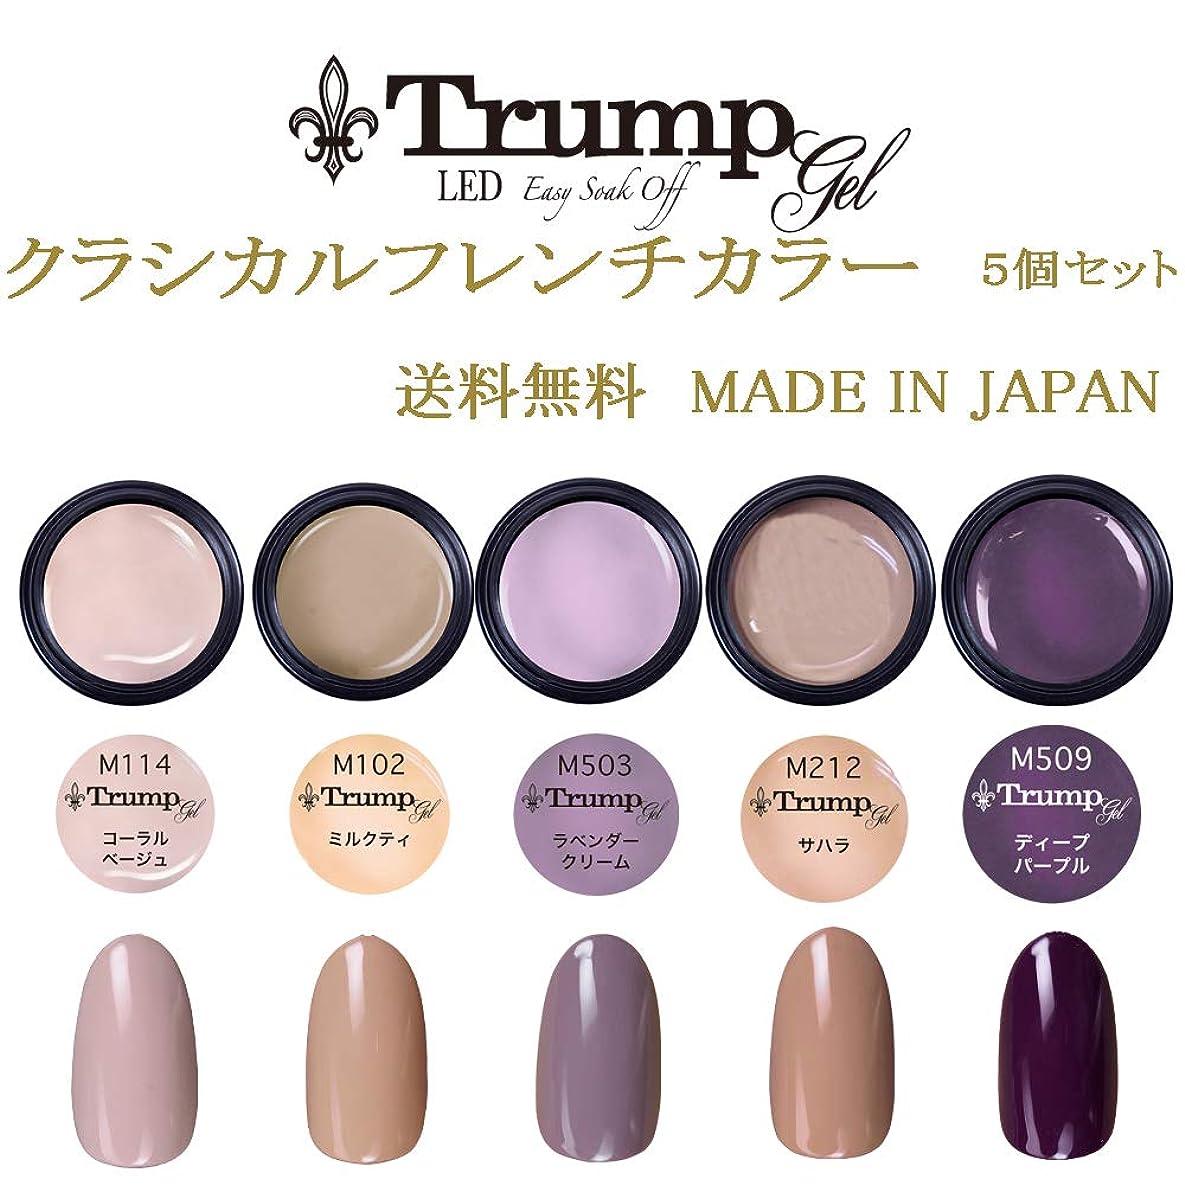 起訴する不正確五月【送料無料】日本製 Trump gel トランプジェル クラシカルフレンチカラージェル 5個セット スタイリッシュでオシャレな 白べっ甲カラージェルセット